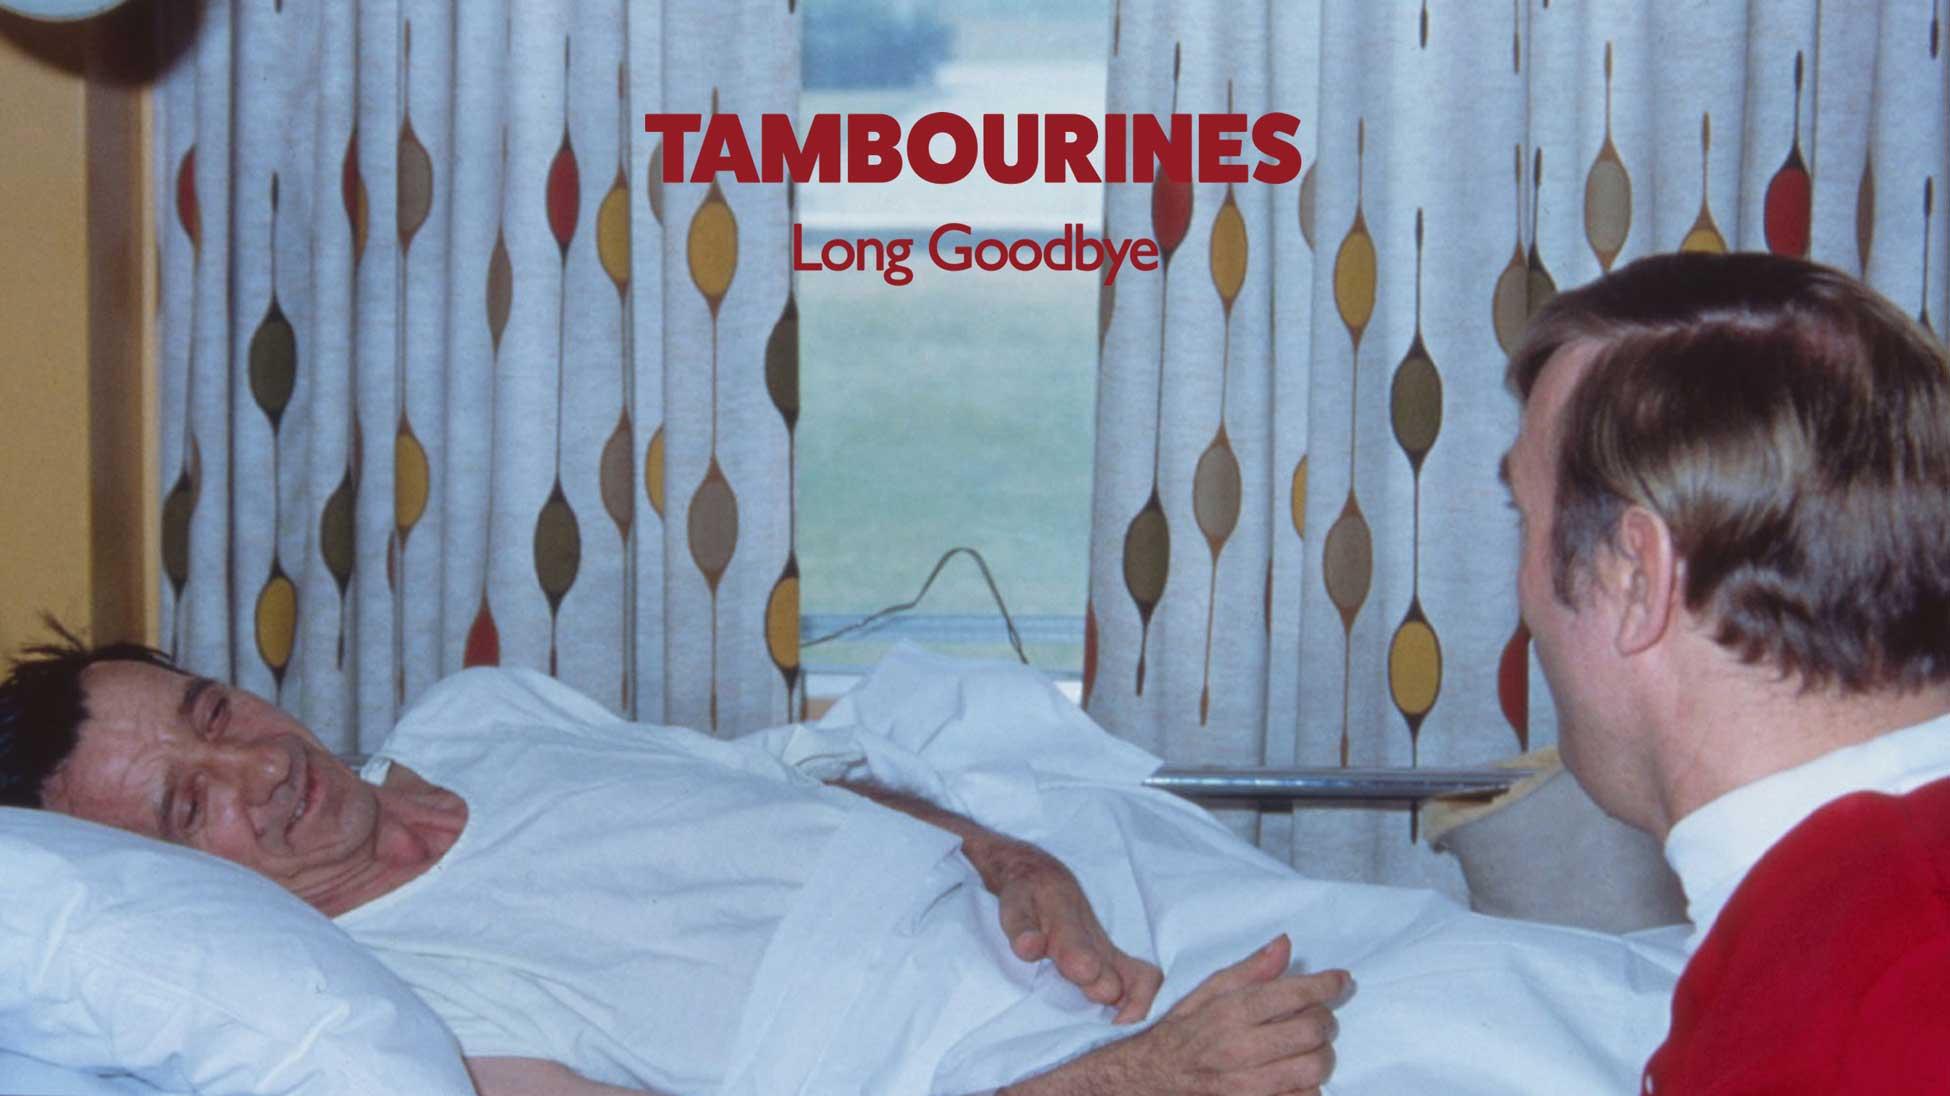 Tambourines -Long Goodbye